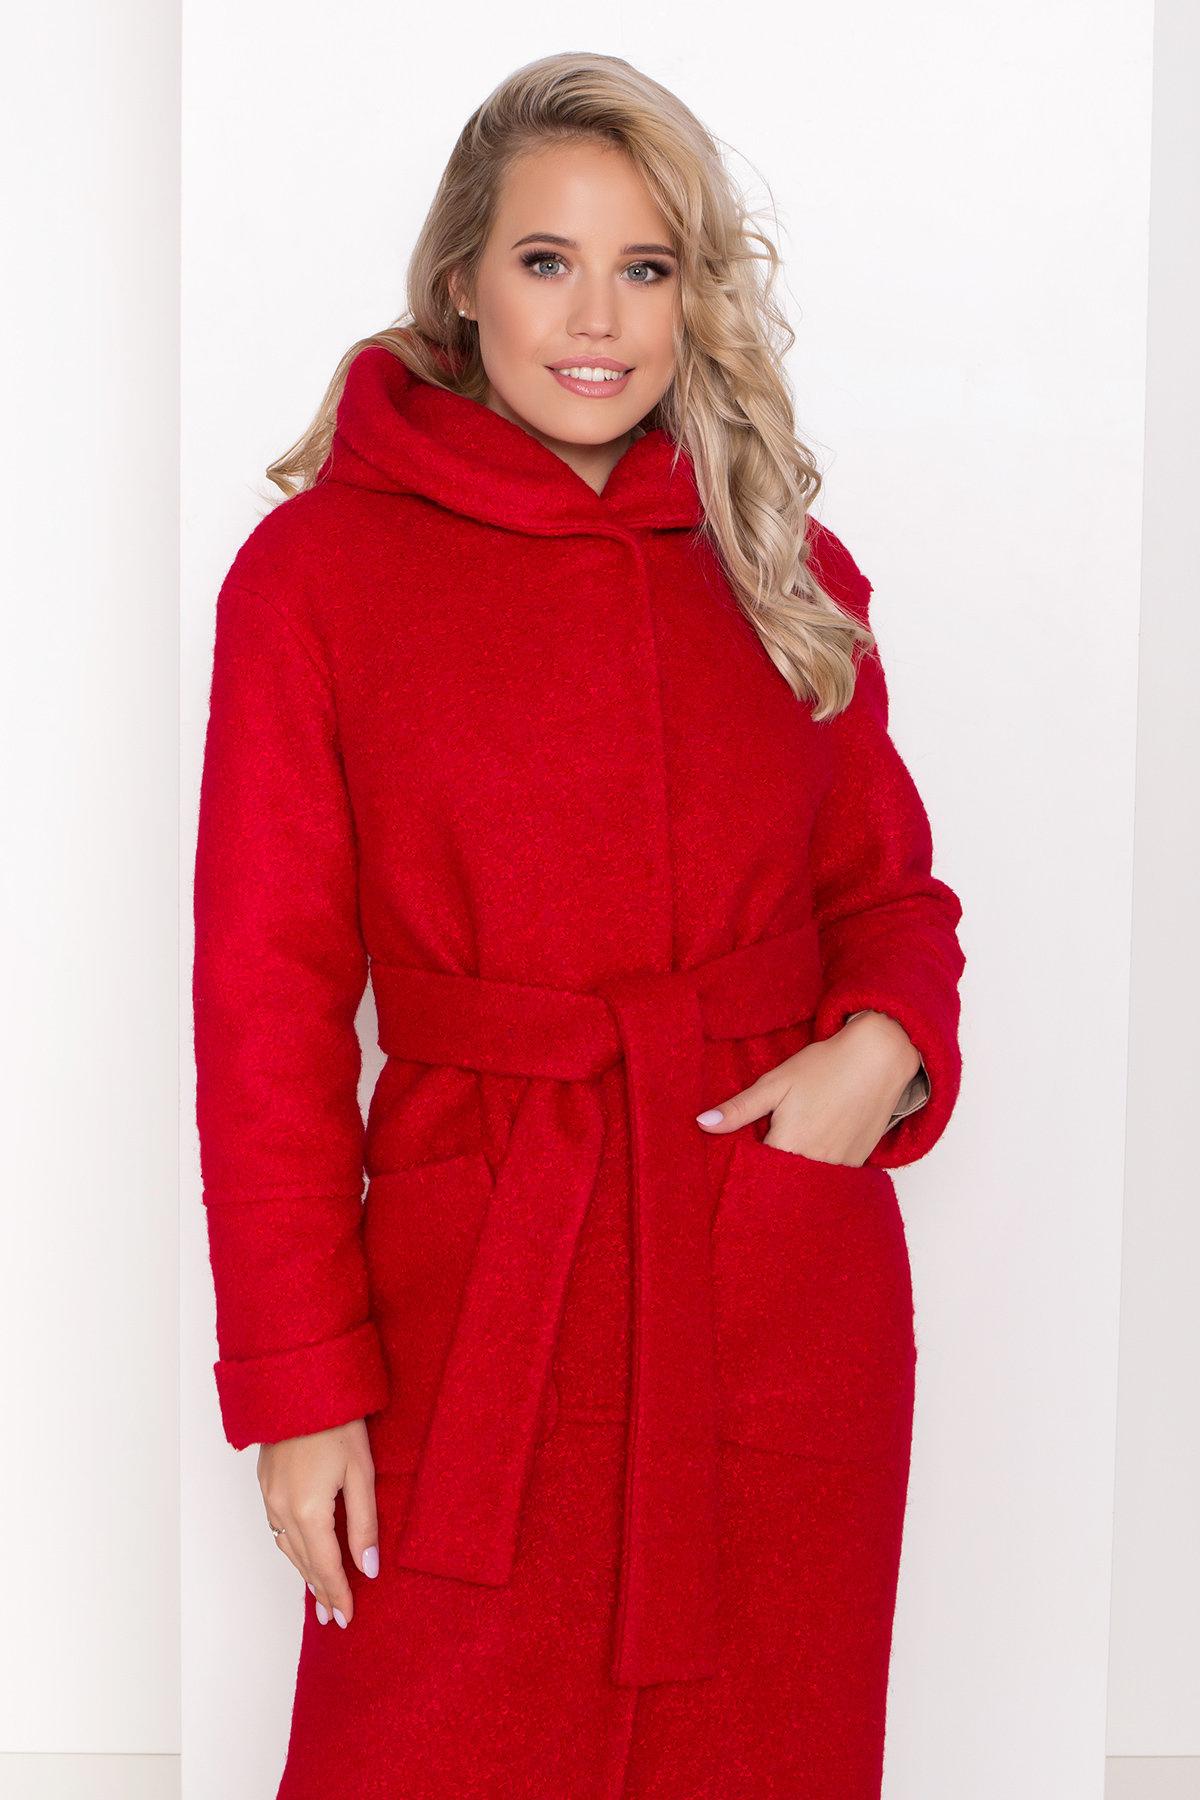 Пальто зима шерсть букле Анита 8320 АРТ. 44441 Цвет: Красный 1 - фото 5, интернет магазин tm-modus.ru